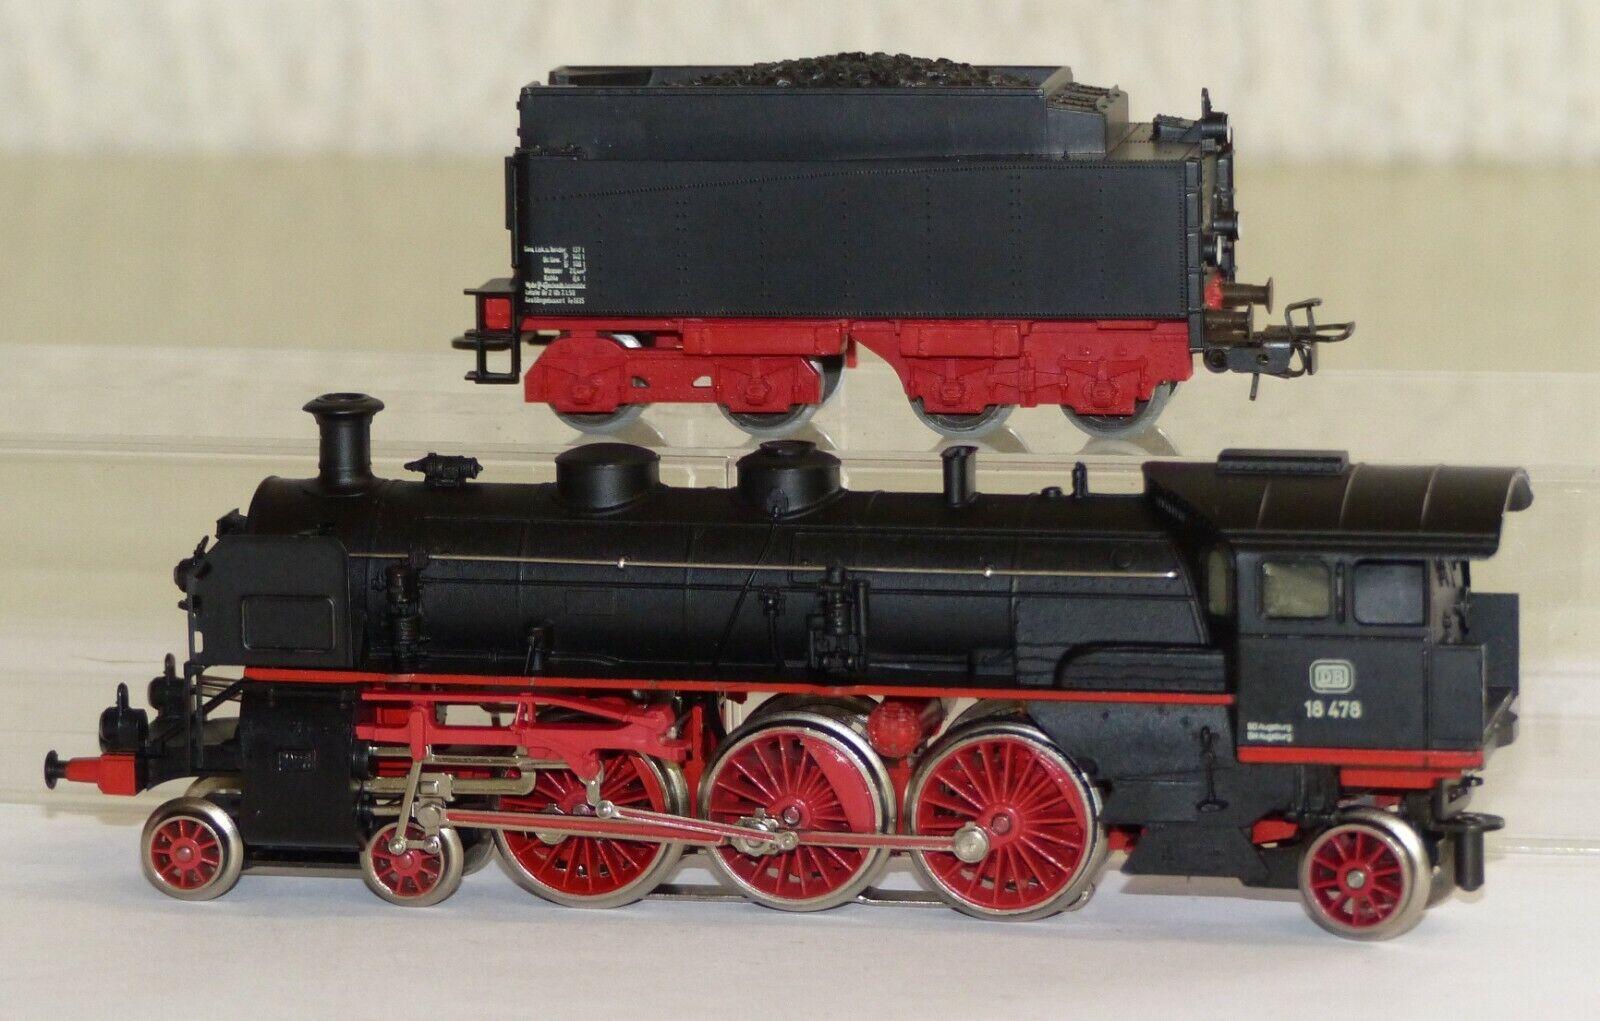 Märklin 3093 Dampflok Dampflok Dampflok BR 18 478 DB H0 1 87 OVP Schlepptenderlok    New Products  eda7a5